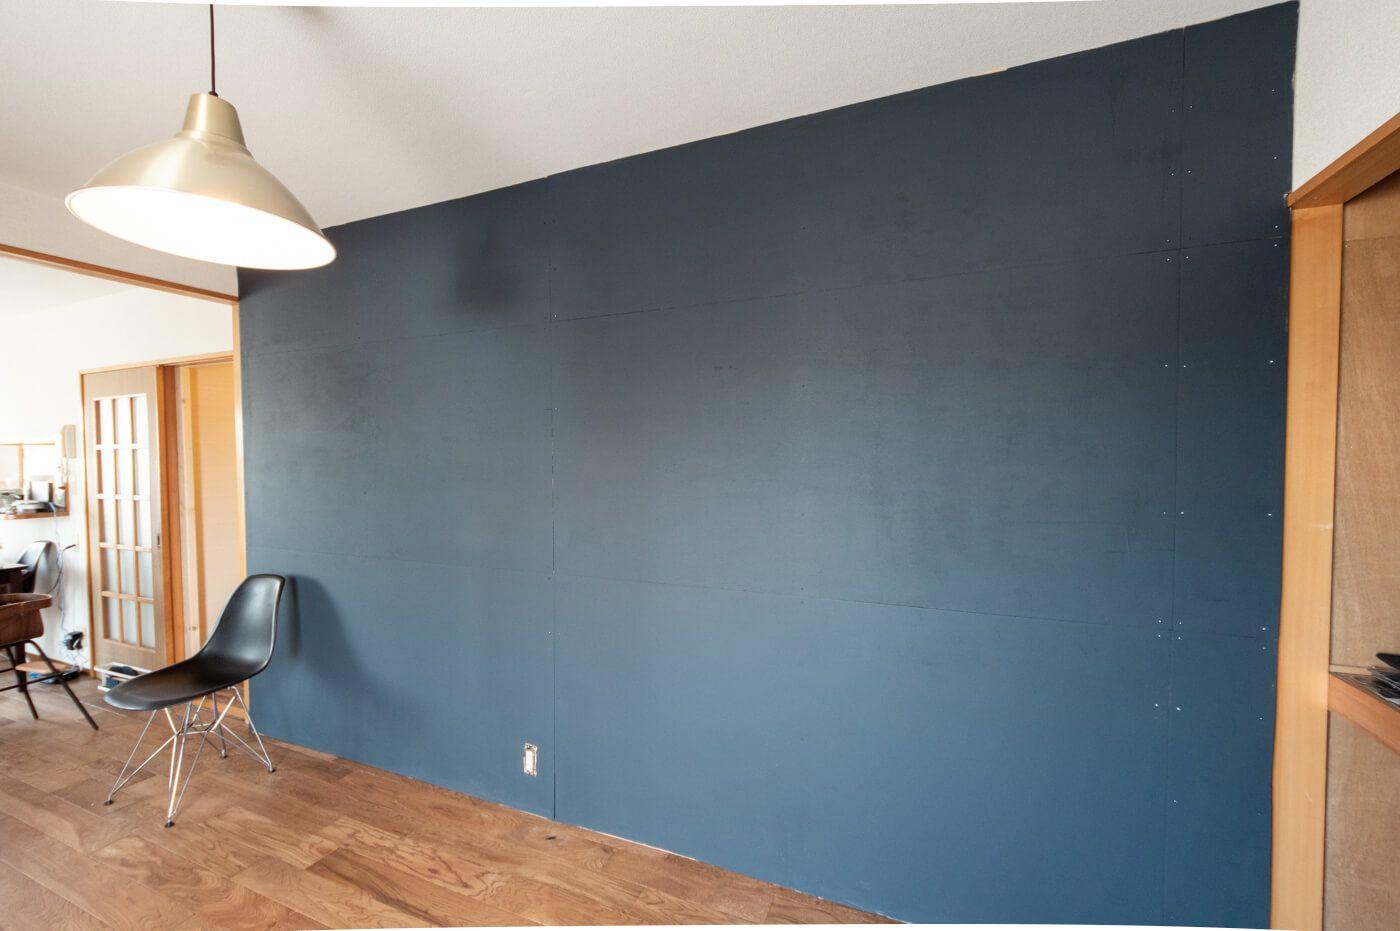 賃貸diy ラブリコ使って壁一面にベニヤ板を貼った後ペンキを塗って